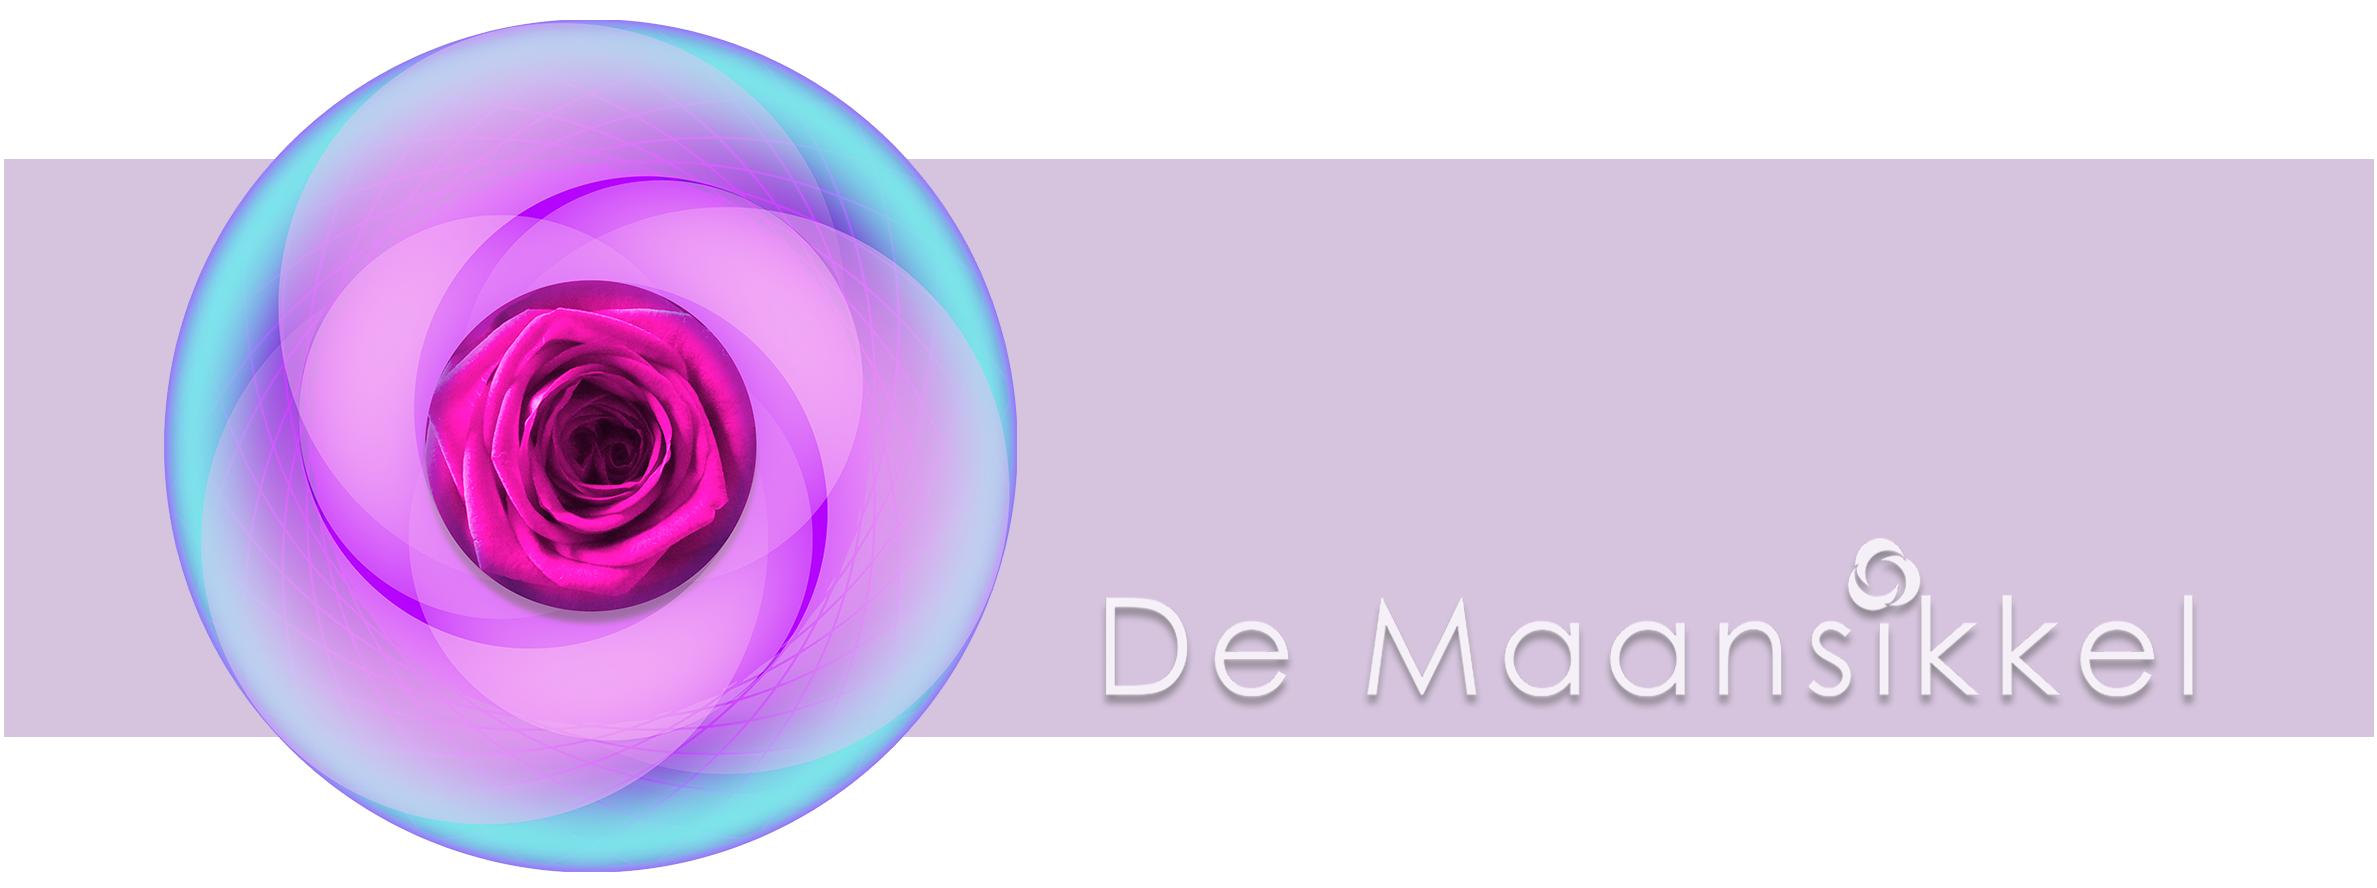 De Maansikkel jouw therapeut in Gent Fabienne De Groote